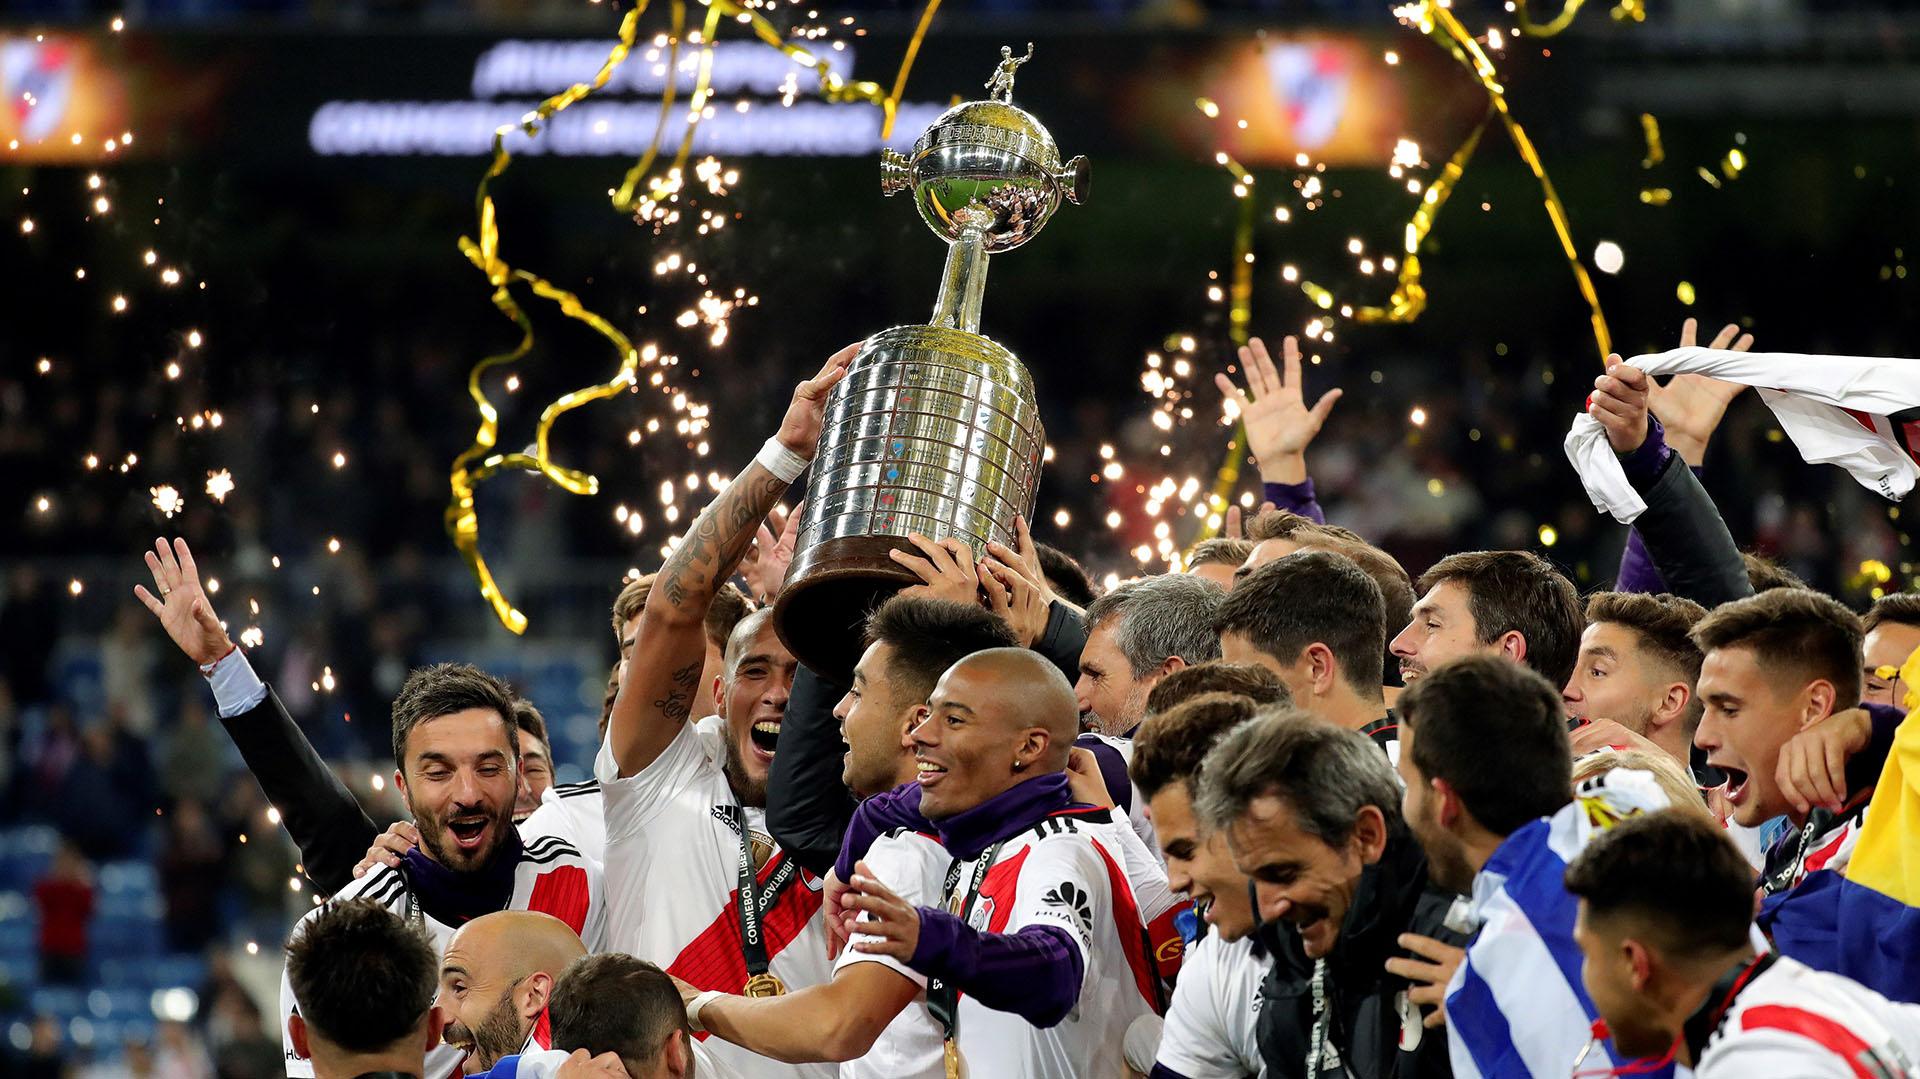 Los jugadores de River Plate celebran en el estadio Santiago Bernabéu la obtención de la Copa Libertadores tras derrotar por 3-1 a Boca Juniors el 9 de diciembre